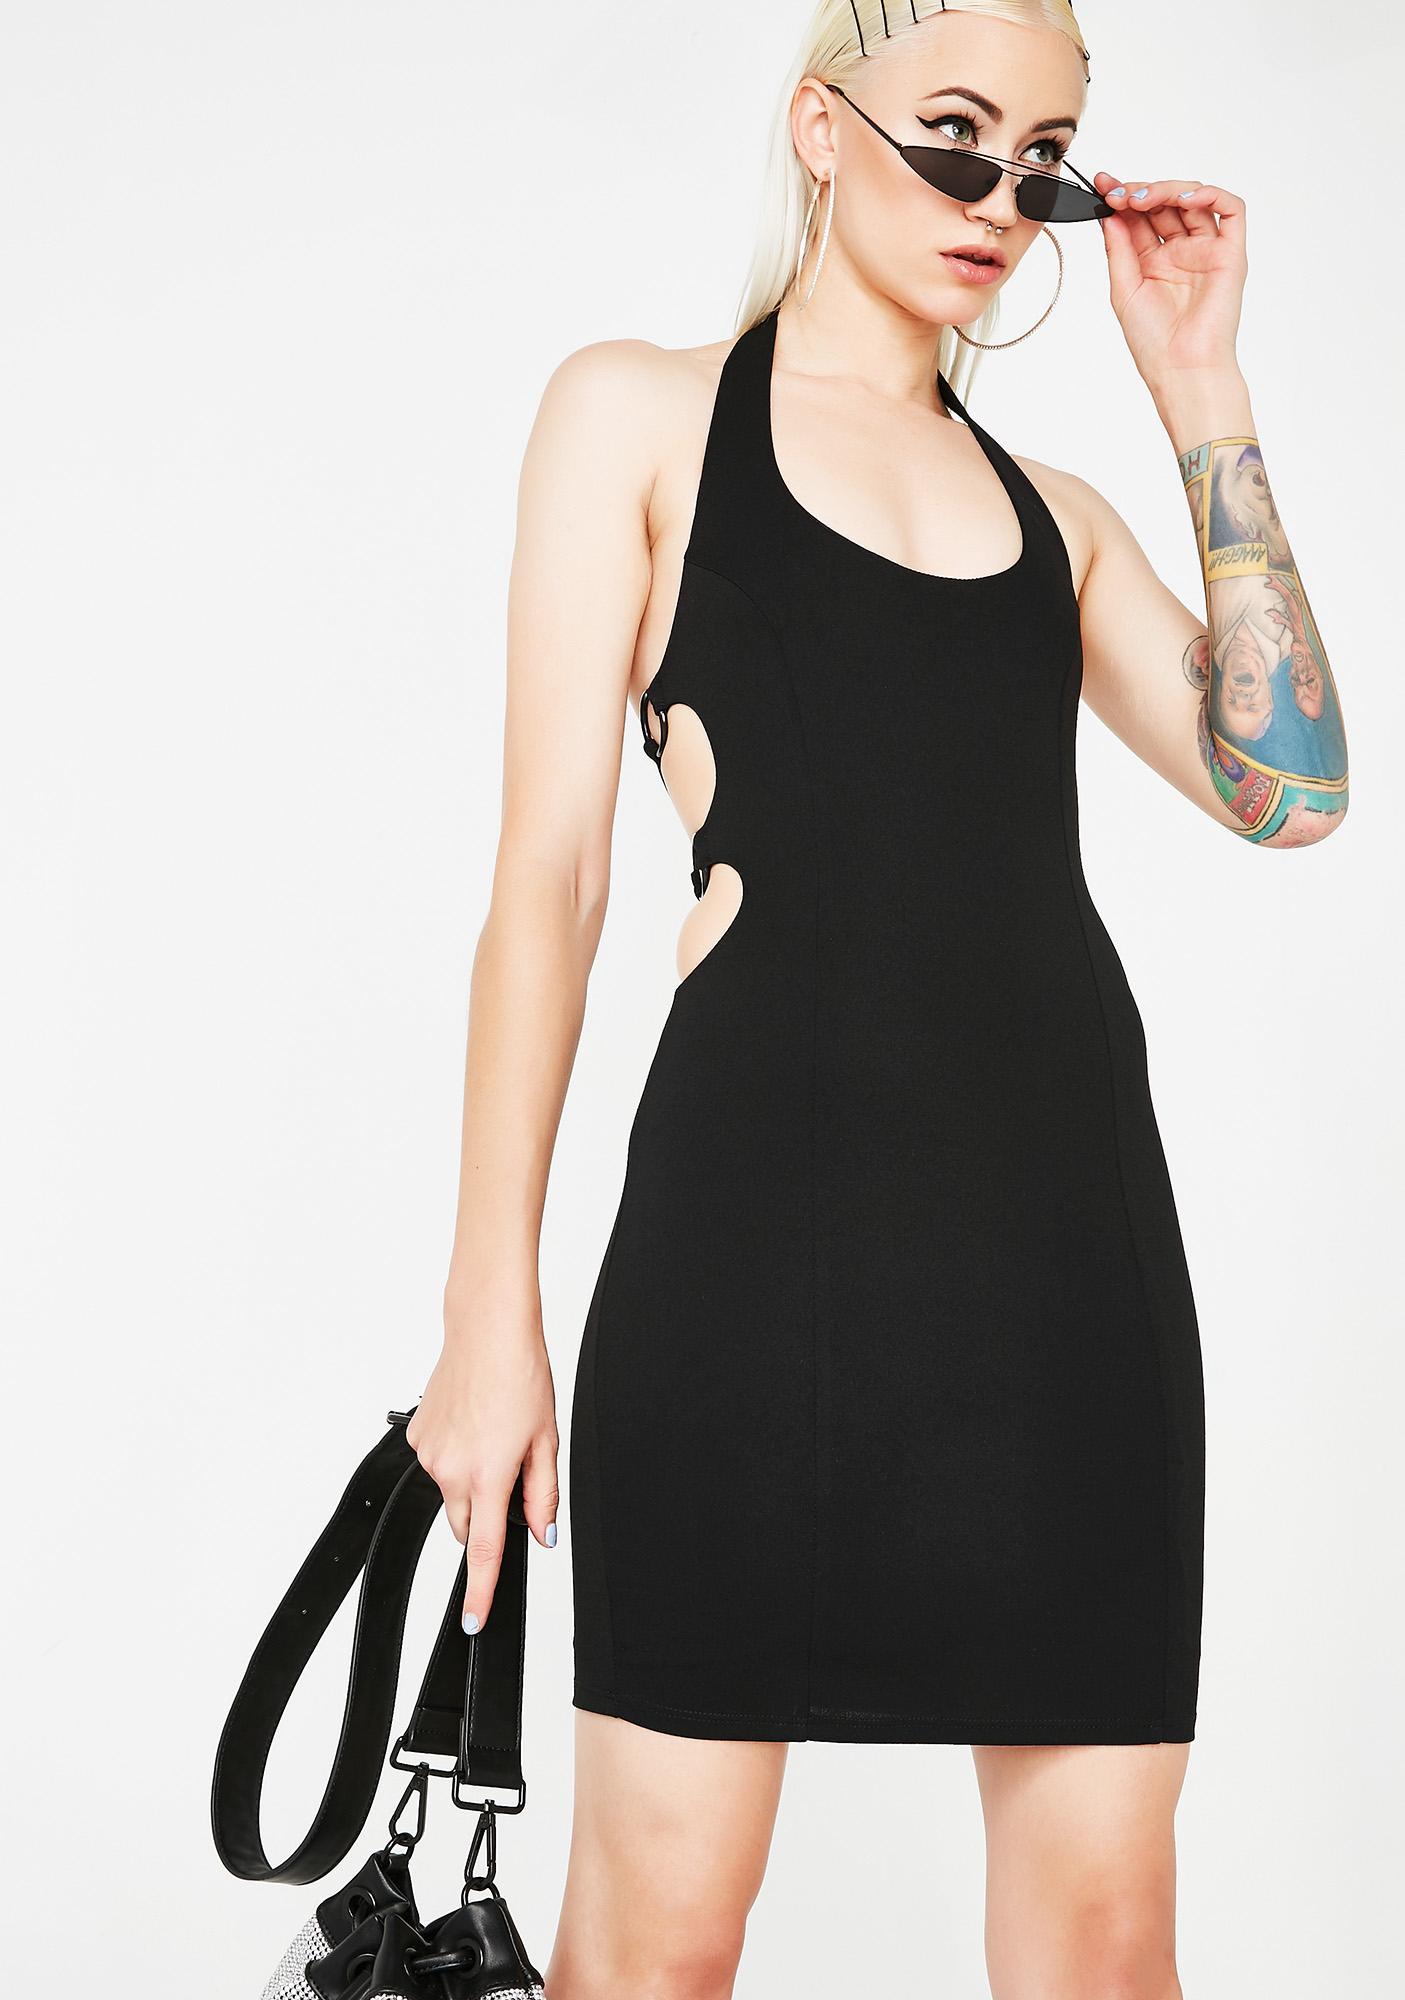 Sidewaze Steppa O-Ring Dress